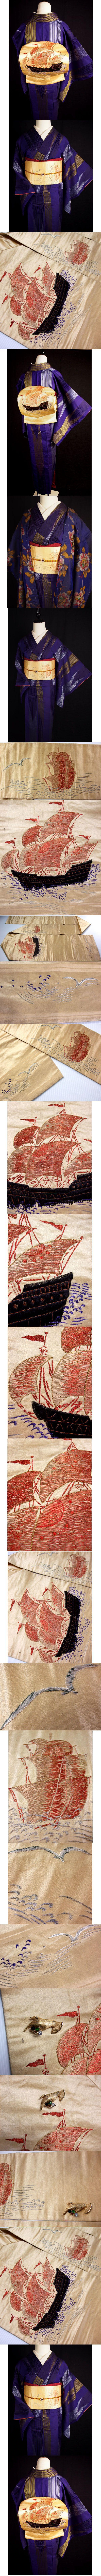 春のsale!!219大きなカモメと帆船/手刺繍アンティークなごや帯 - ヤフオク!